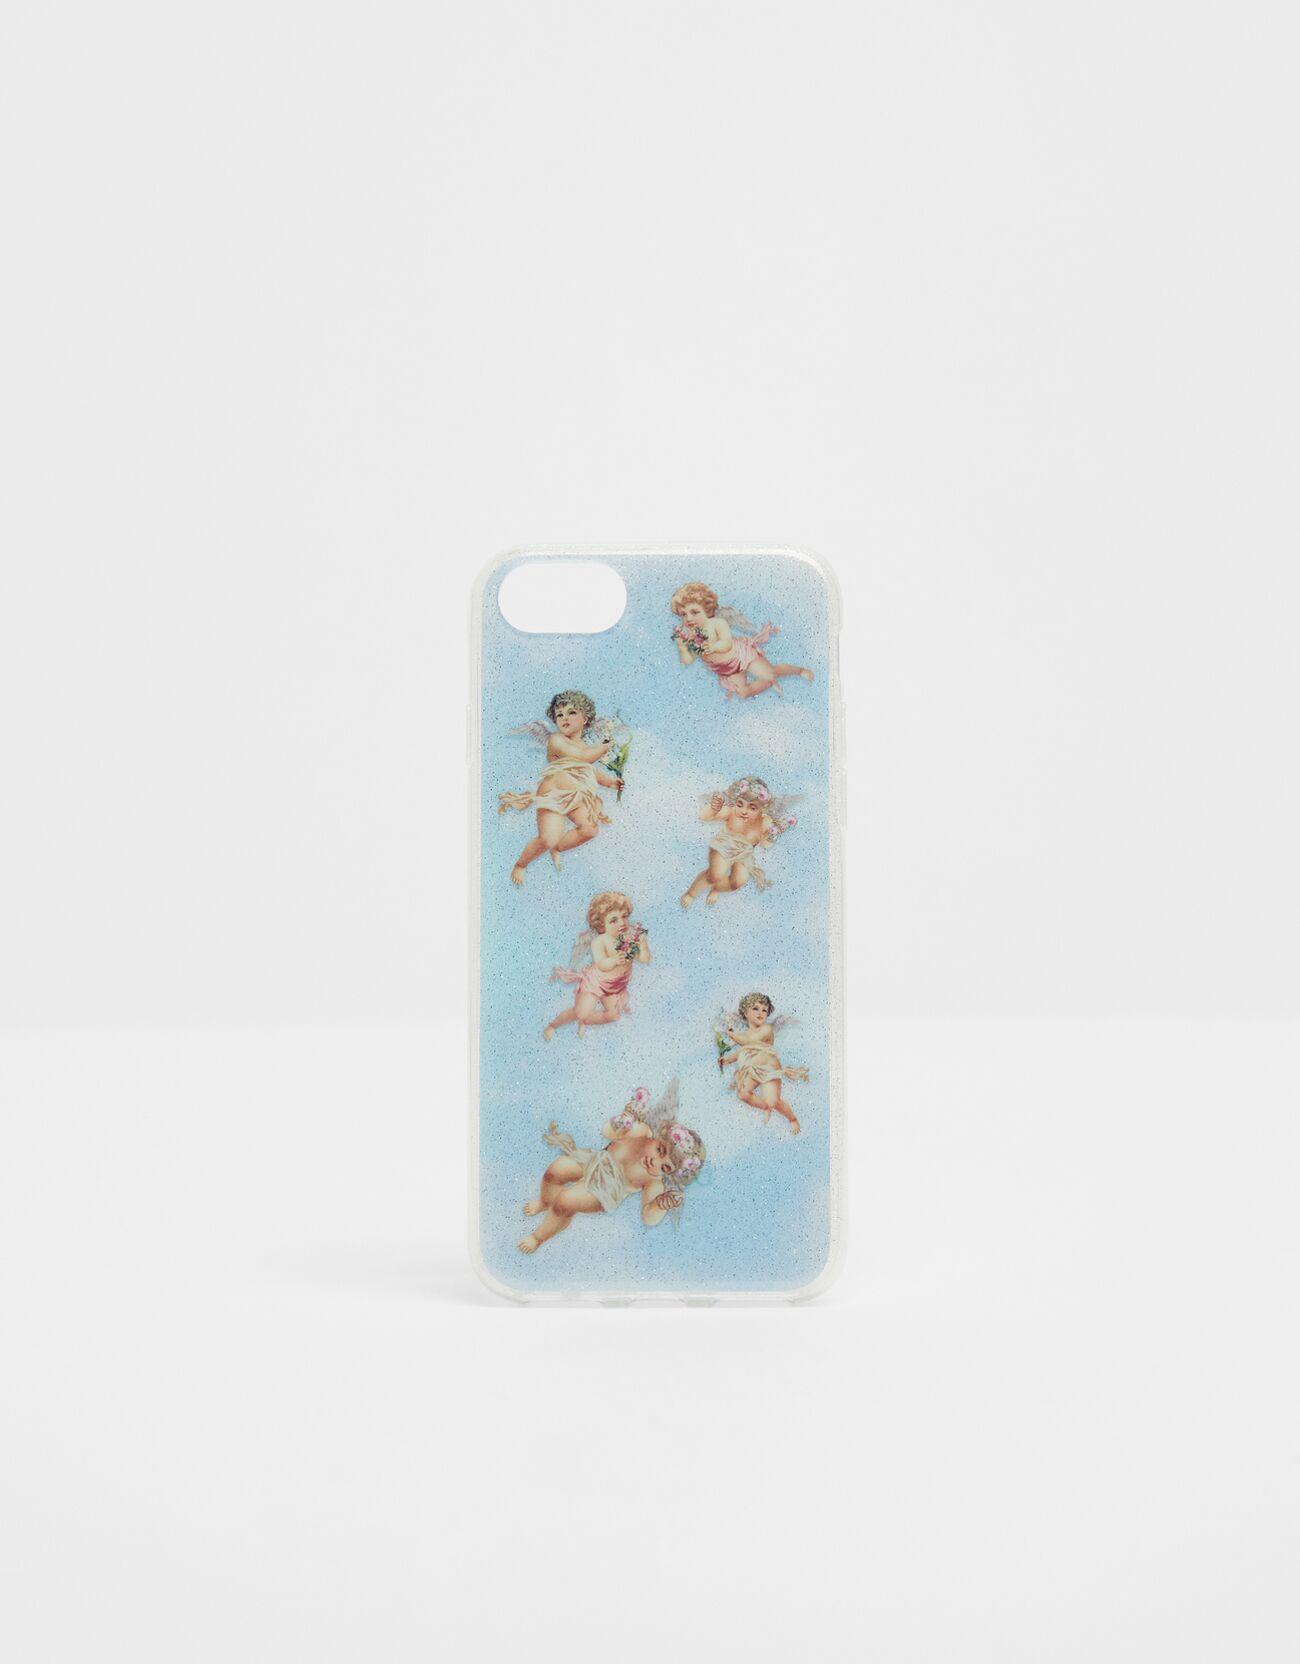 Angel print iPhone 6Plus / 7Plus / 8Plus case